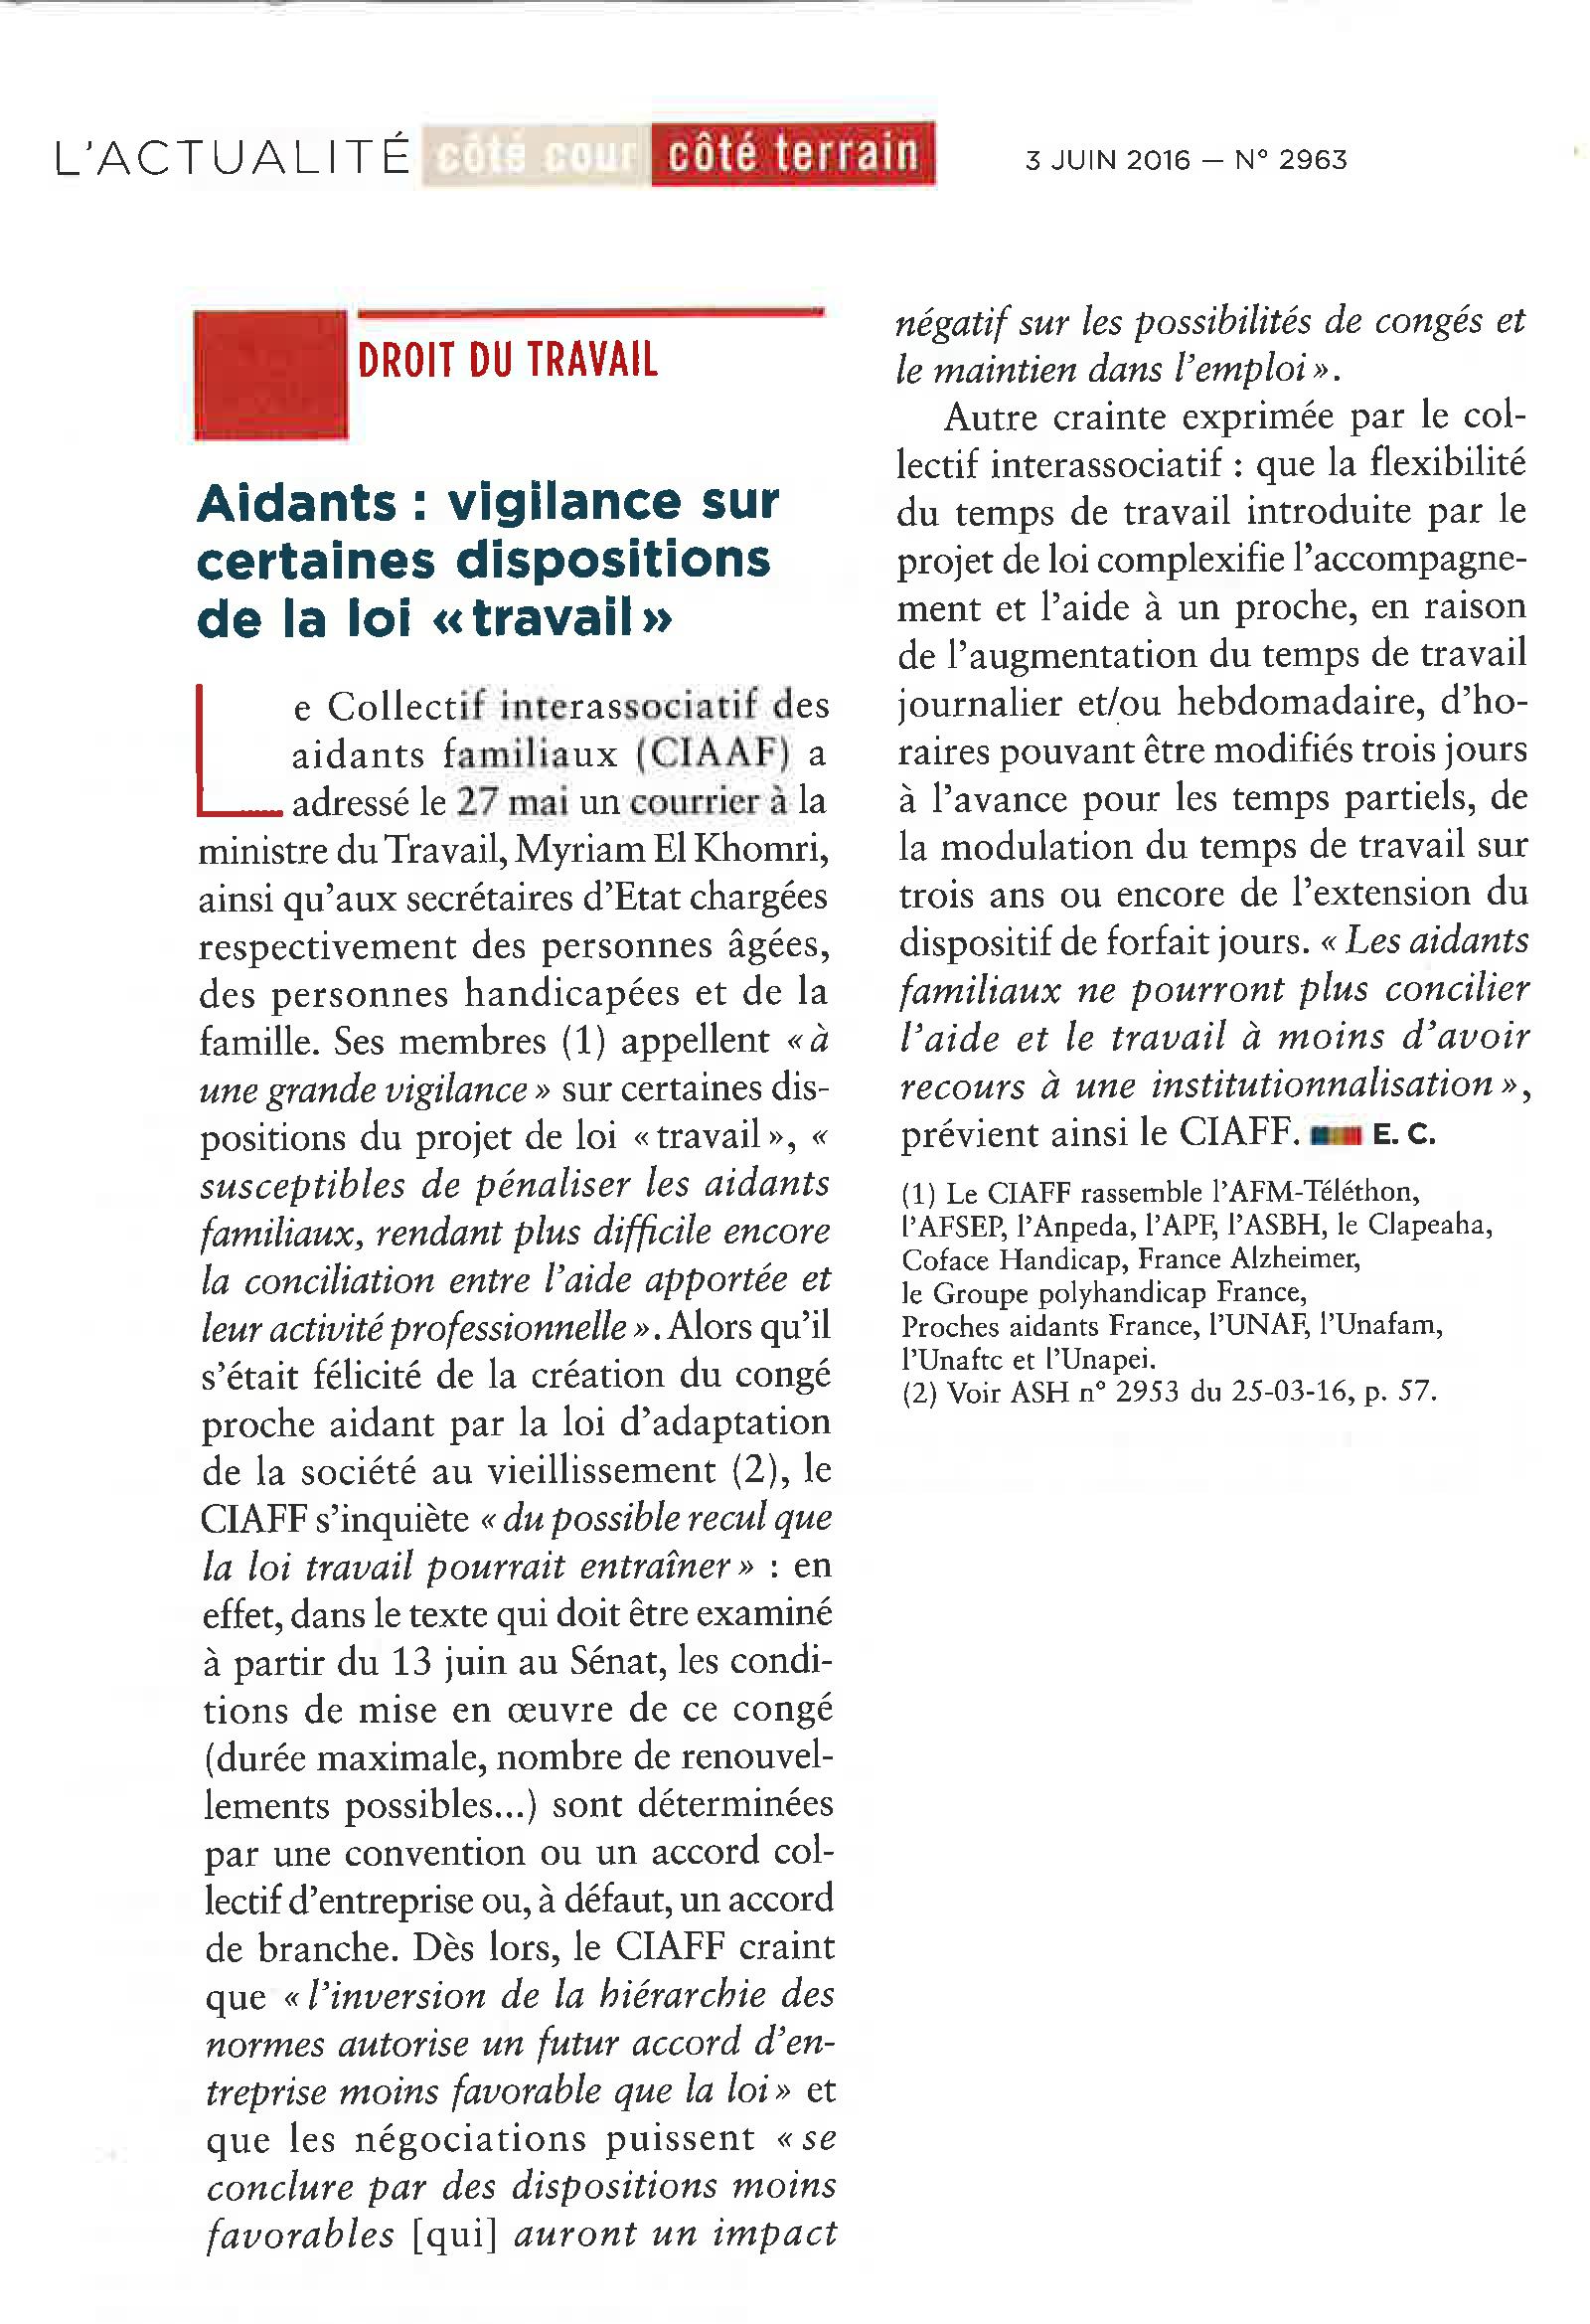 5b15ac7a341 Le CIAAF appelle à la vigilance sur certaines dispositions de la loi travail